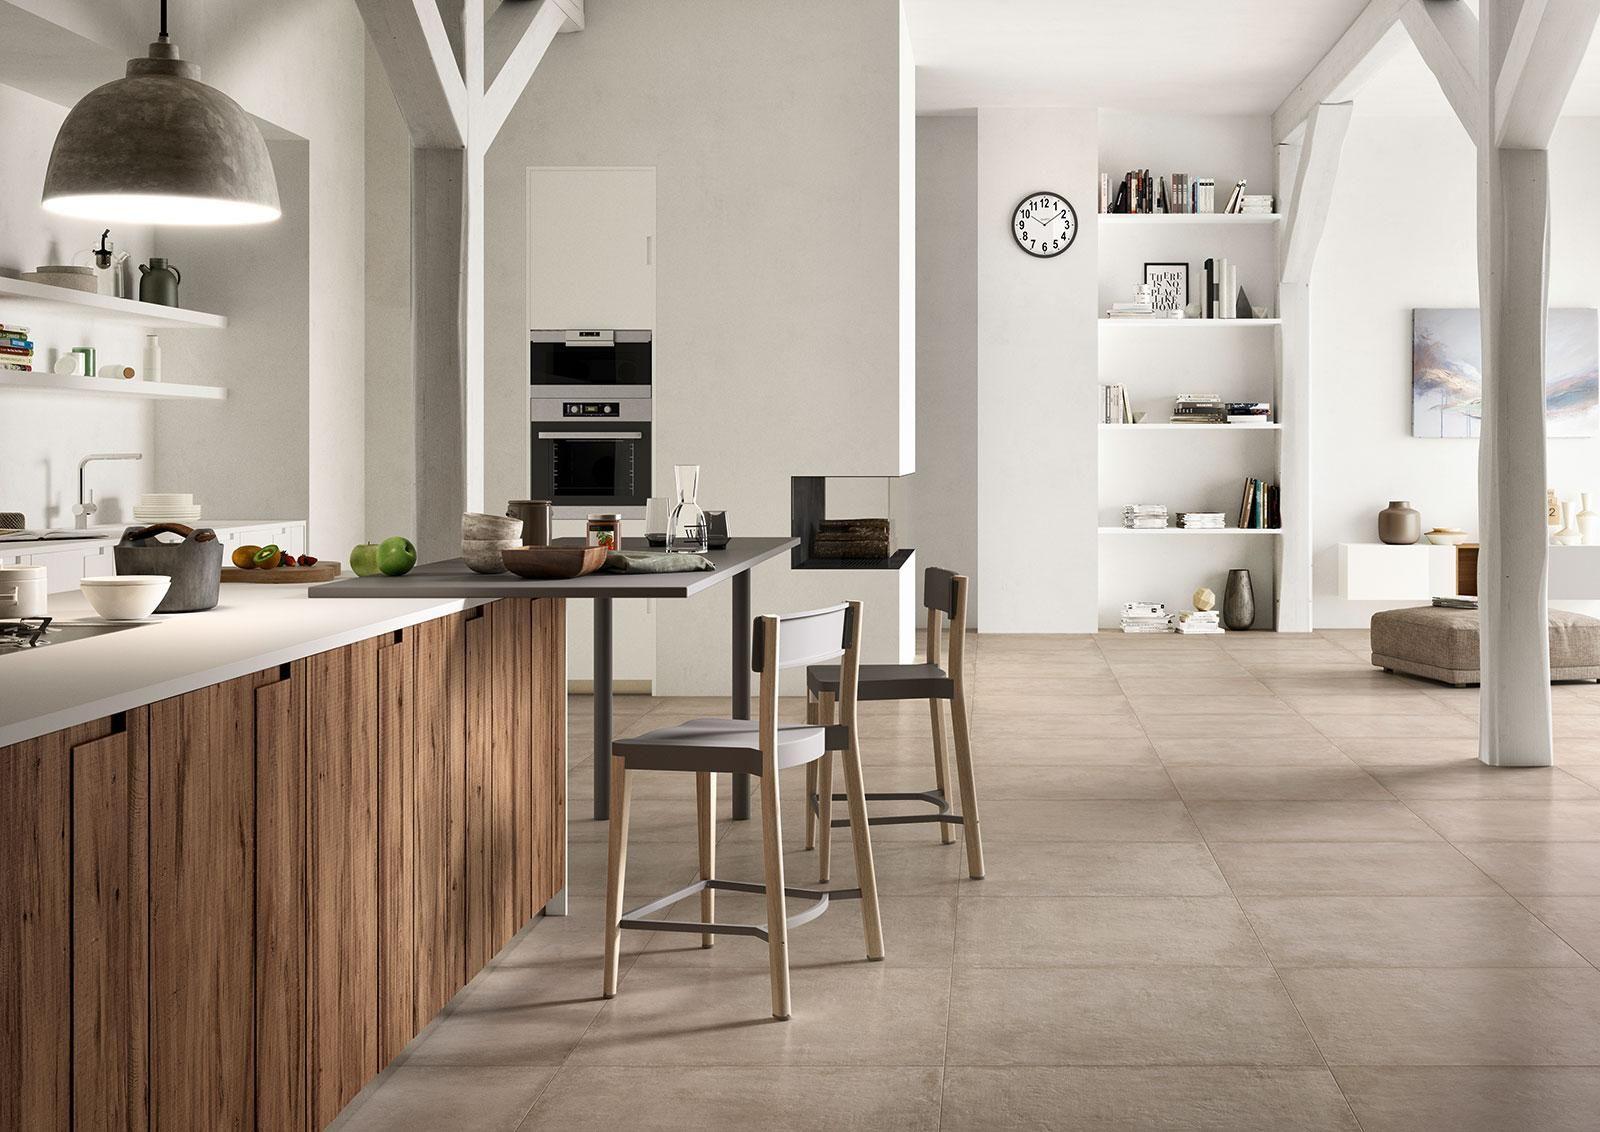 Clays effetto cotto e cemento cucina cocinas pinterest